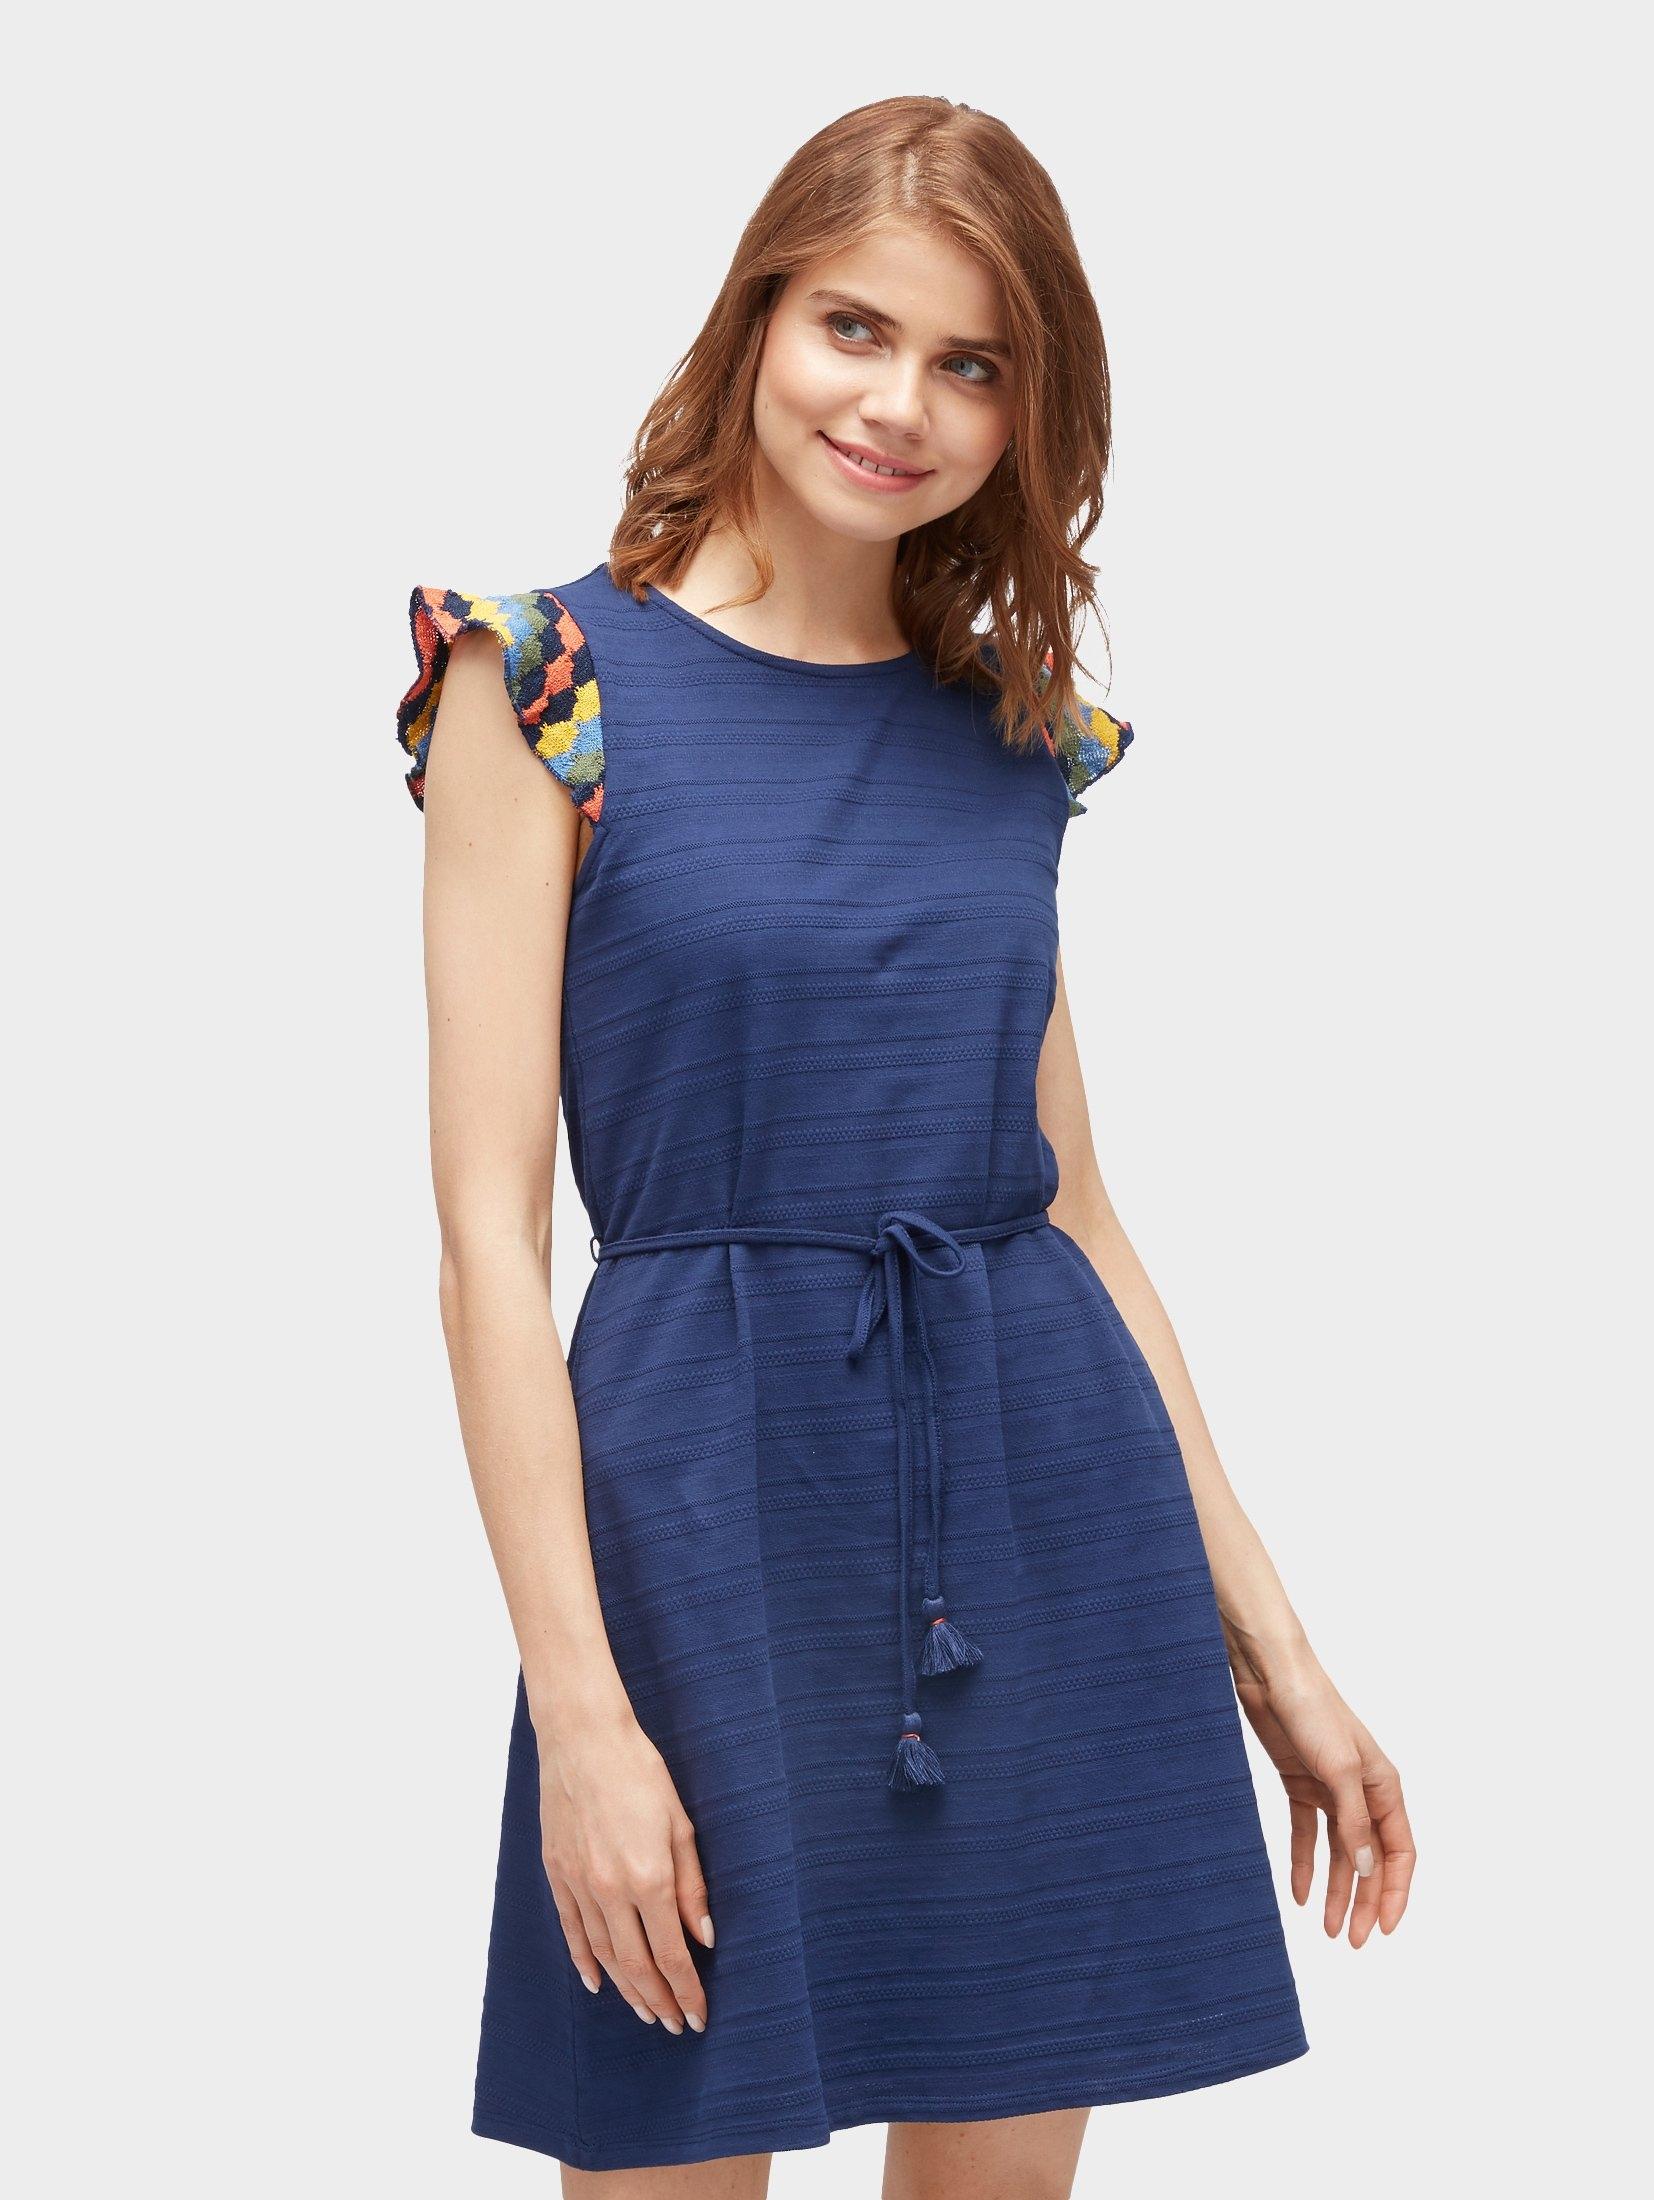 TOM TAILOR Denim zomerjurk »jurk met gestreepte mouwen« voordelig en veilig online kopen